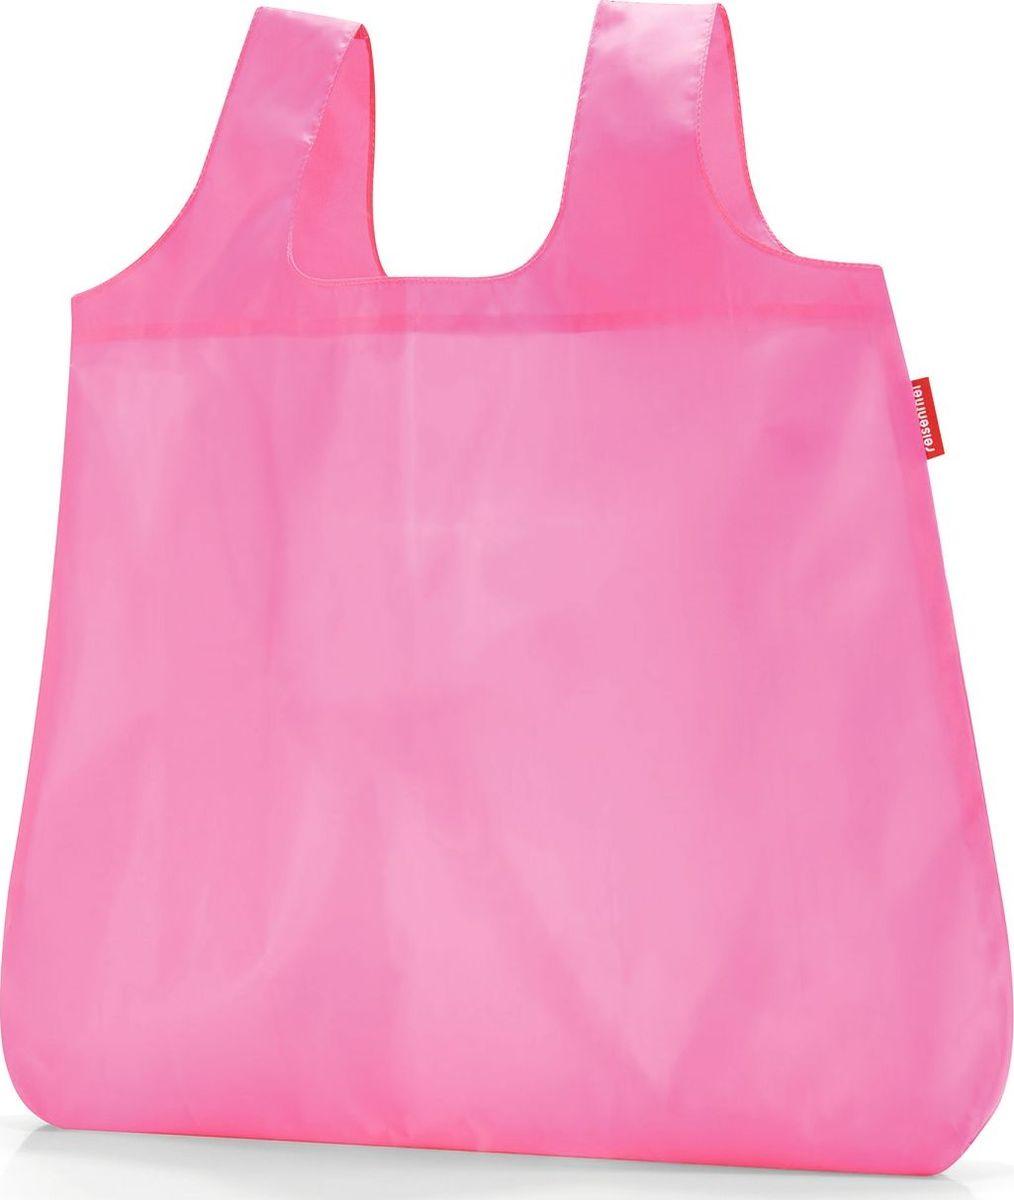 Сумка складная Reisenthel, цвет: розовый. AO3057AO3057Стильная и практичная сумка Reisenthel для походов по магазинам. Экологичная альтернатива одноразовым пакетам. Компактно складываться в небольшой чехольчик и может поместиться даже в карман. У чехла есть карабин, что позволяет прикрепить его к сумке или рюкзаку. Вместительная и прочная сумка будет всегда под рукой на случай непредвиденных покупок.Размер в сложенном состоянии: 10 х 6 х 2 см. Удобные широкие лямки для переноски в руках. Объем: 15 л.